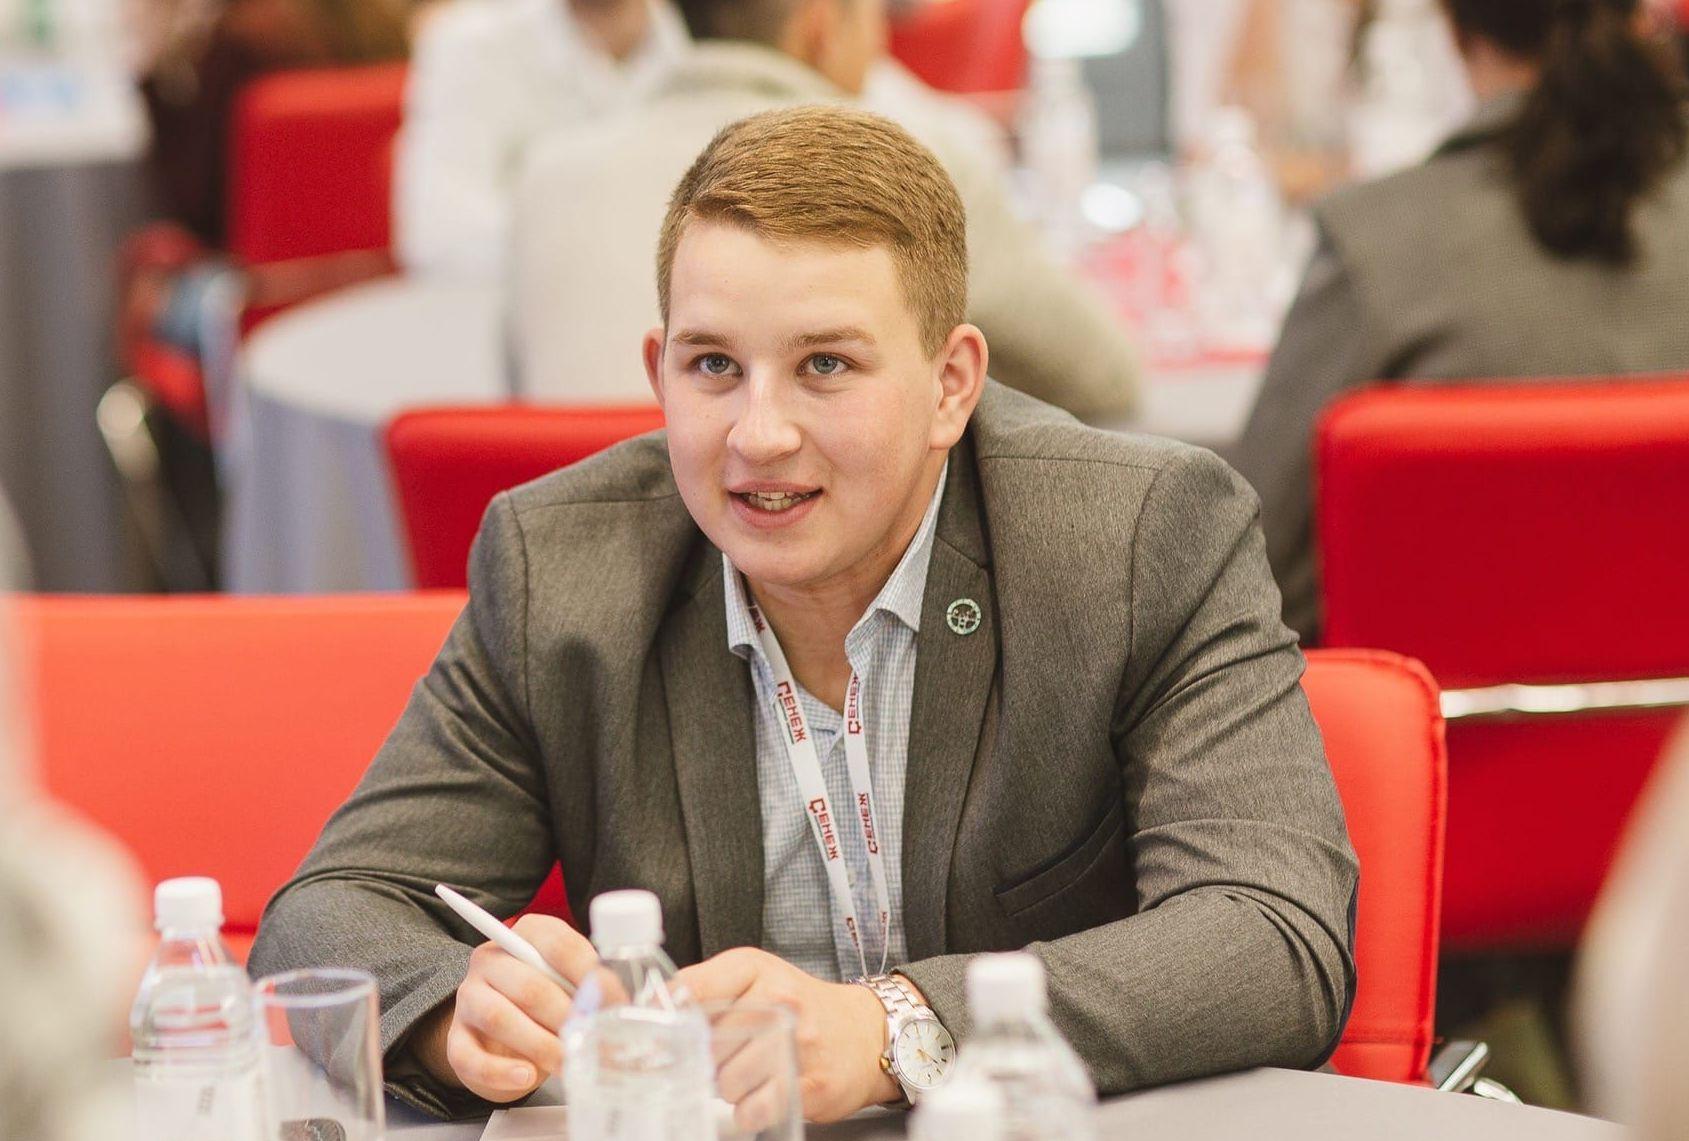 Ахмет Багаутдинов: Совет сократит путь инвесторам в Тверскую область